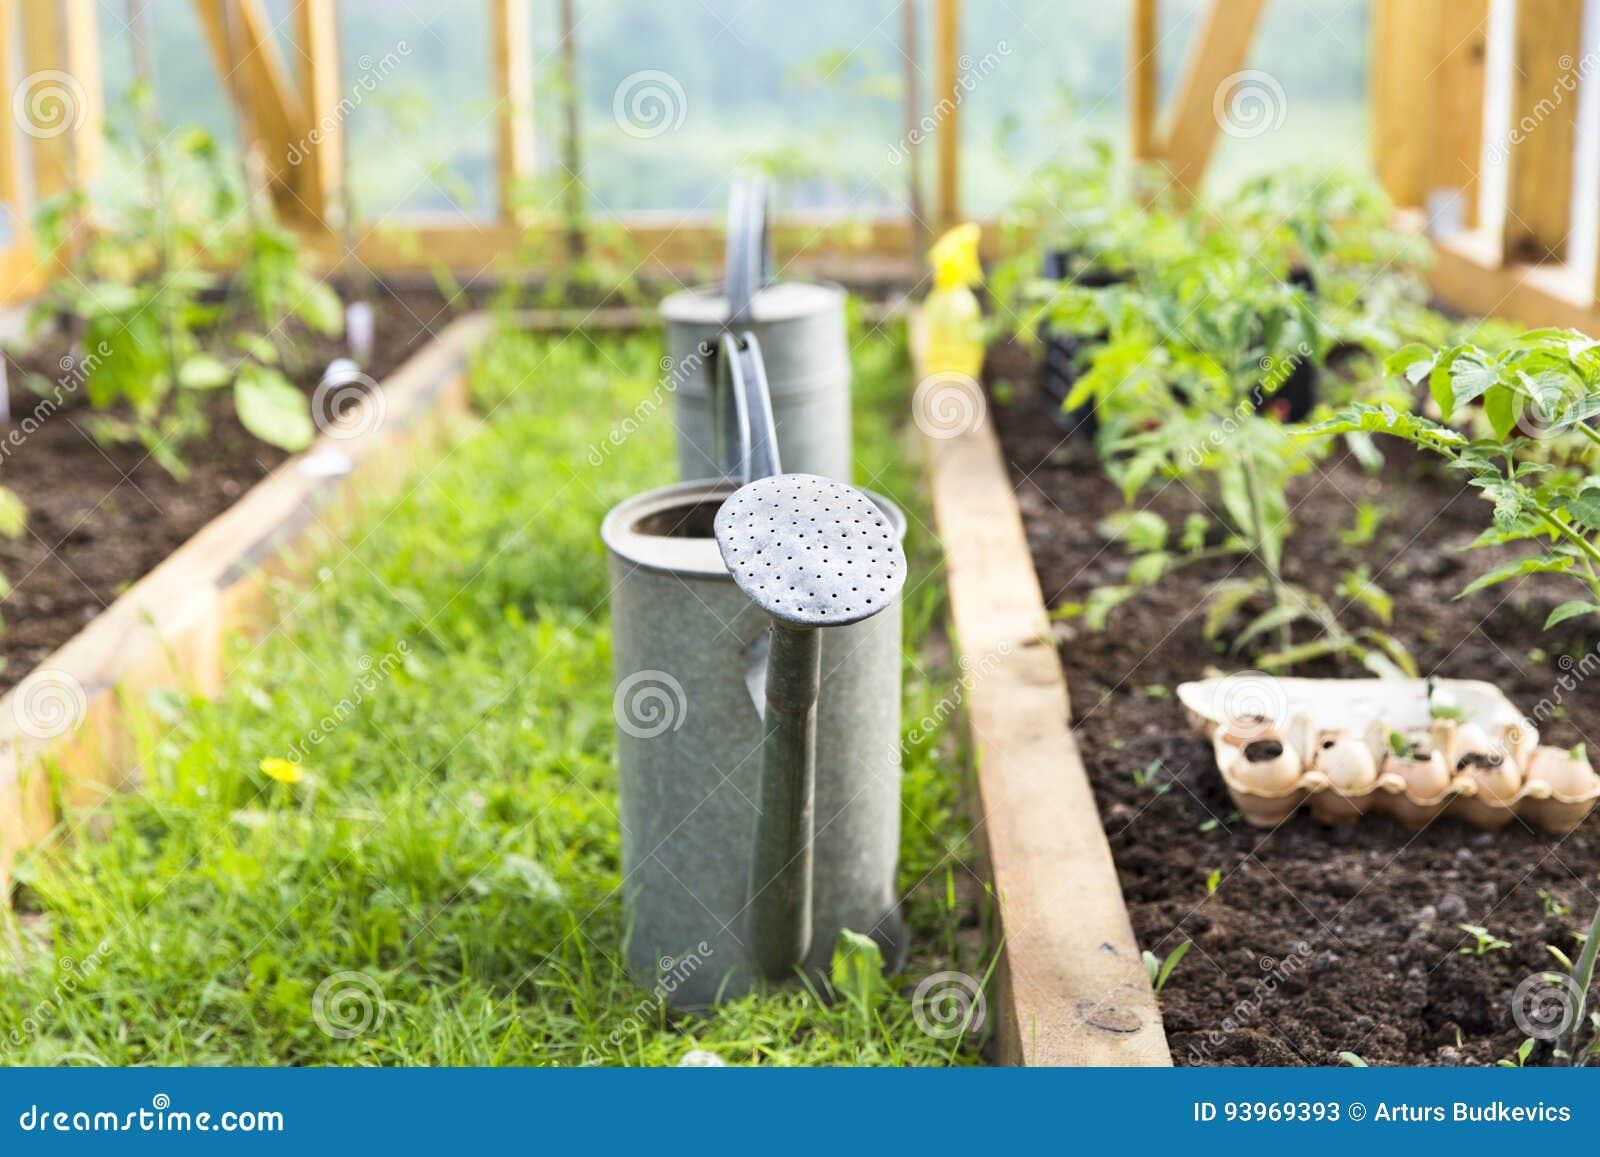 Biologische Landwirtschaft, arbeitend, Landwirtschaftskonzept im Garten Gießkanne im Gewächshaus nave